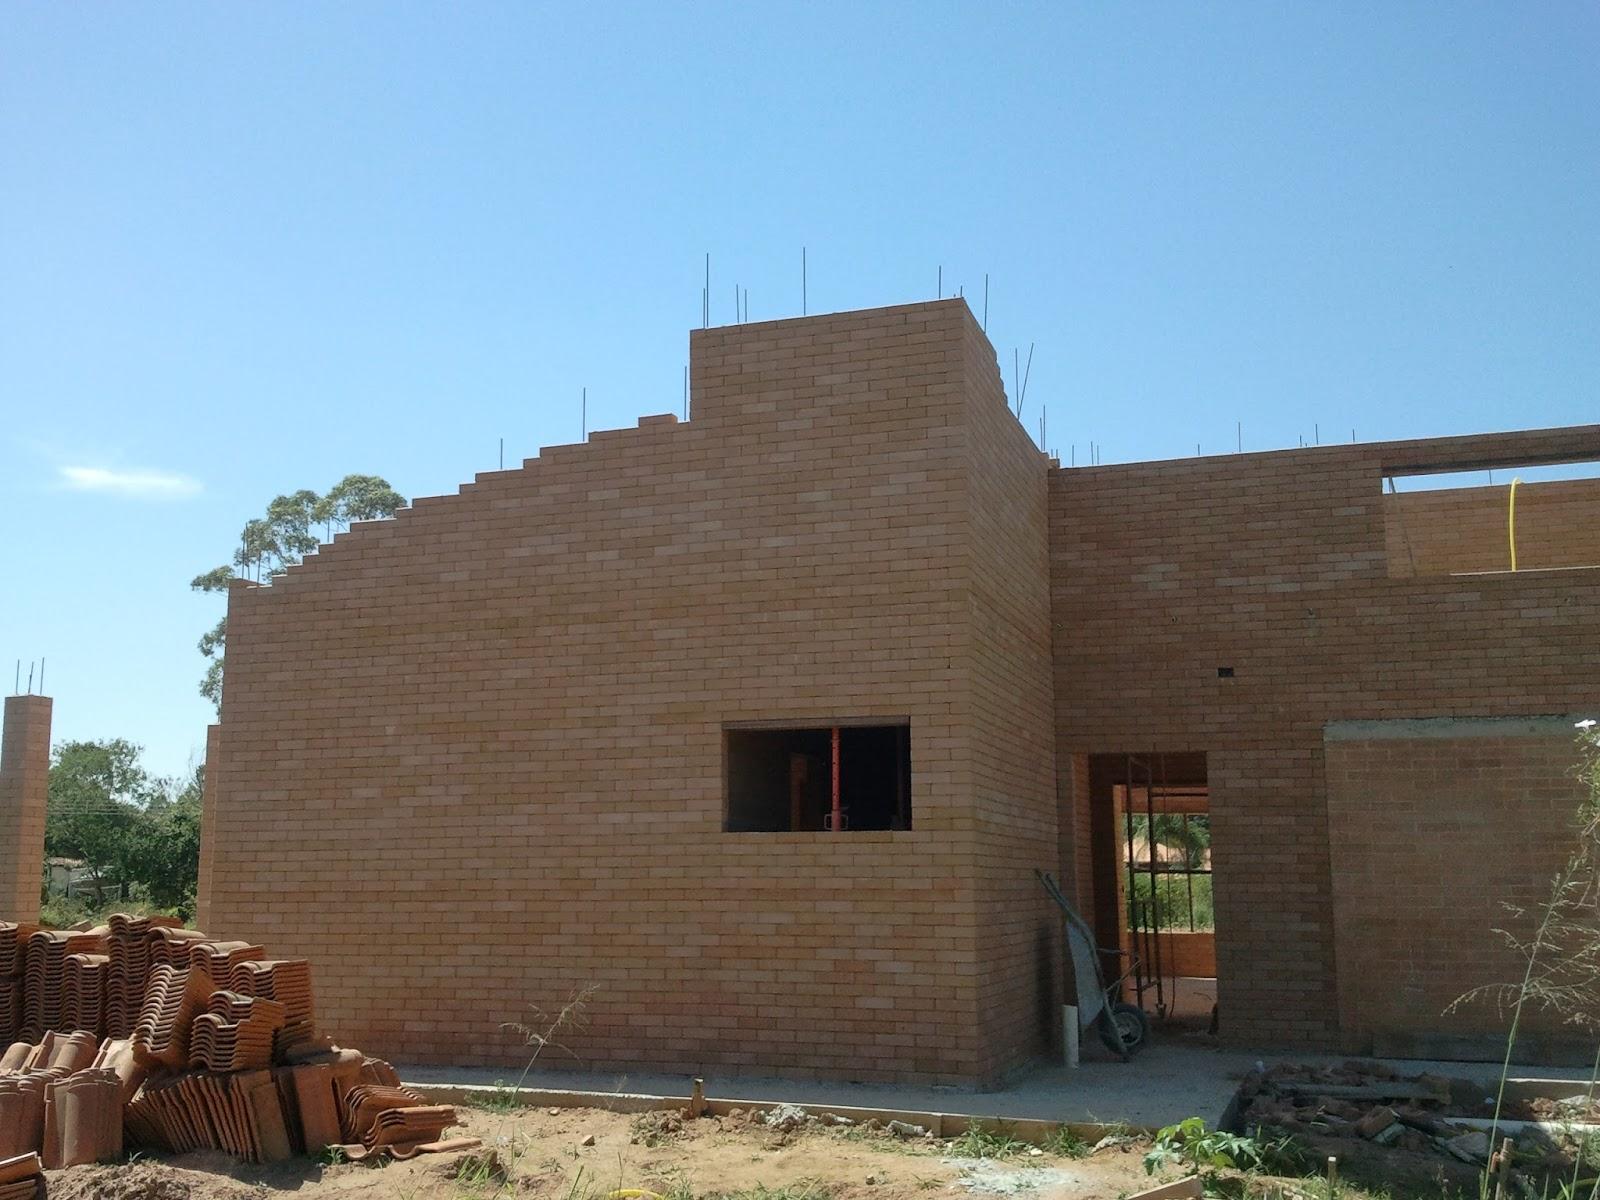 Construindo e Ampliando com Tijolo Solo cimento / Ecológico: Vista do  #0B80C0 1600 1200